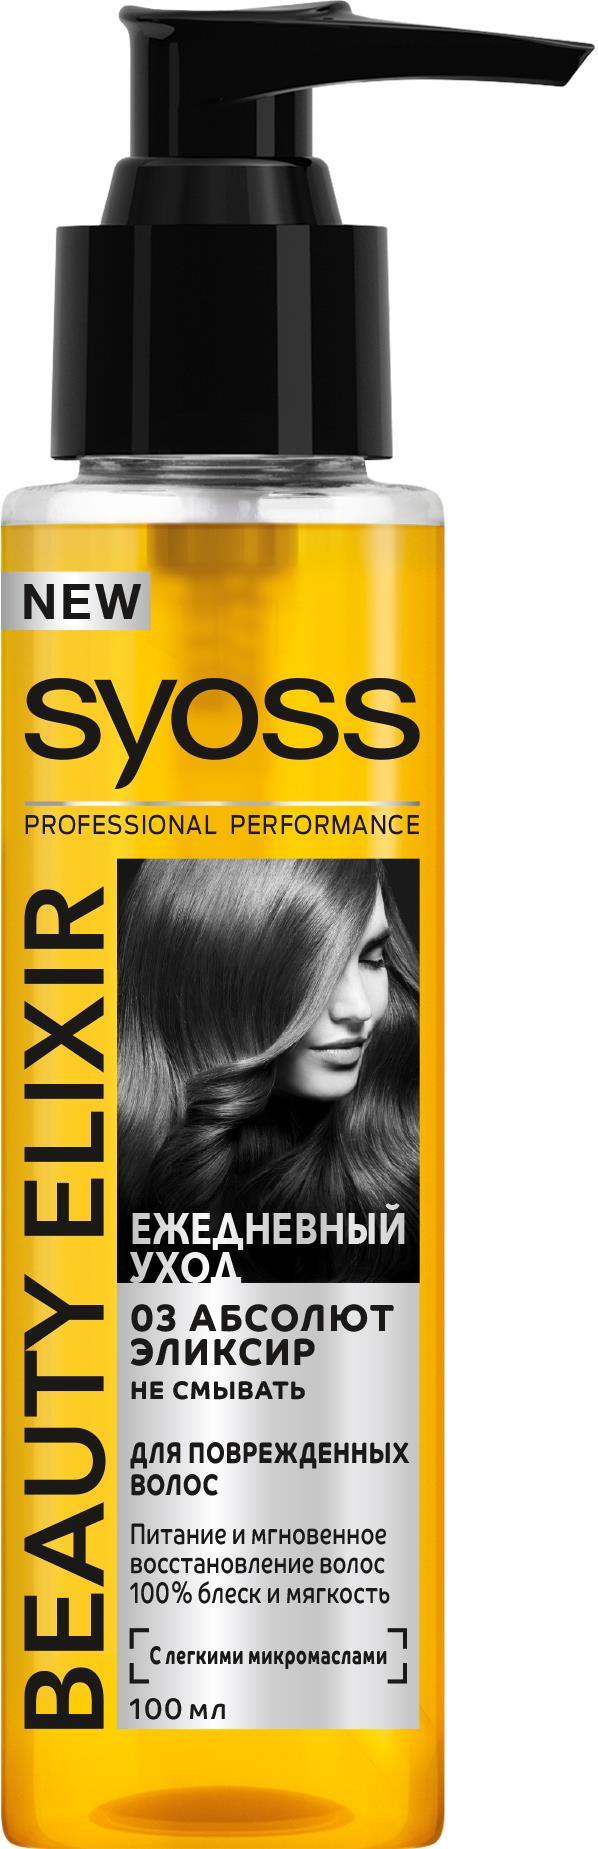 """Syoss Эликсир с микромаслами """"Beauty Elixir, для поврежденных и сухих волос, 100мл"""